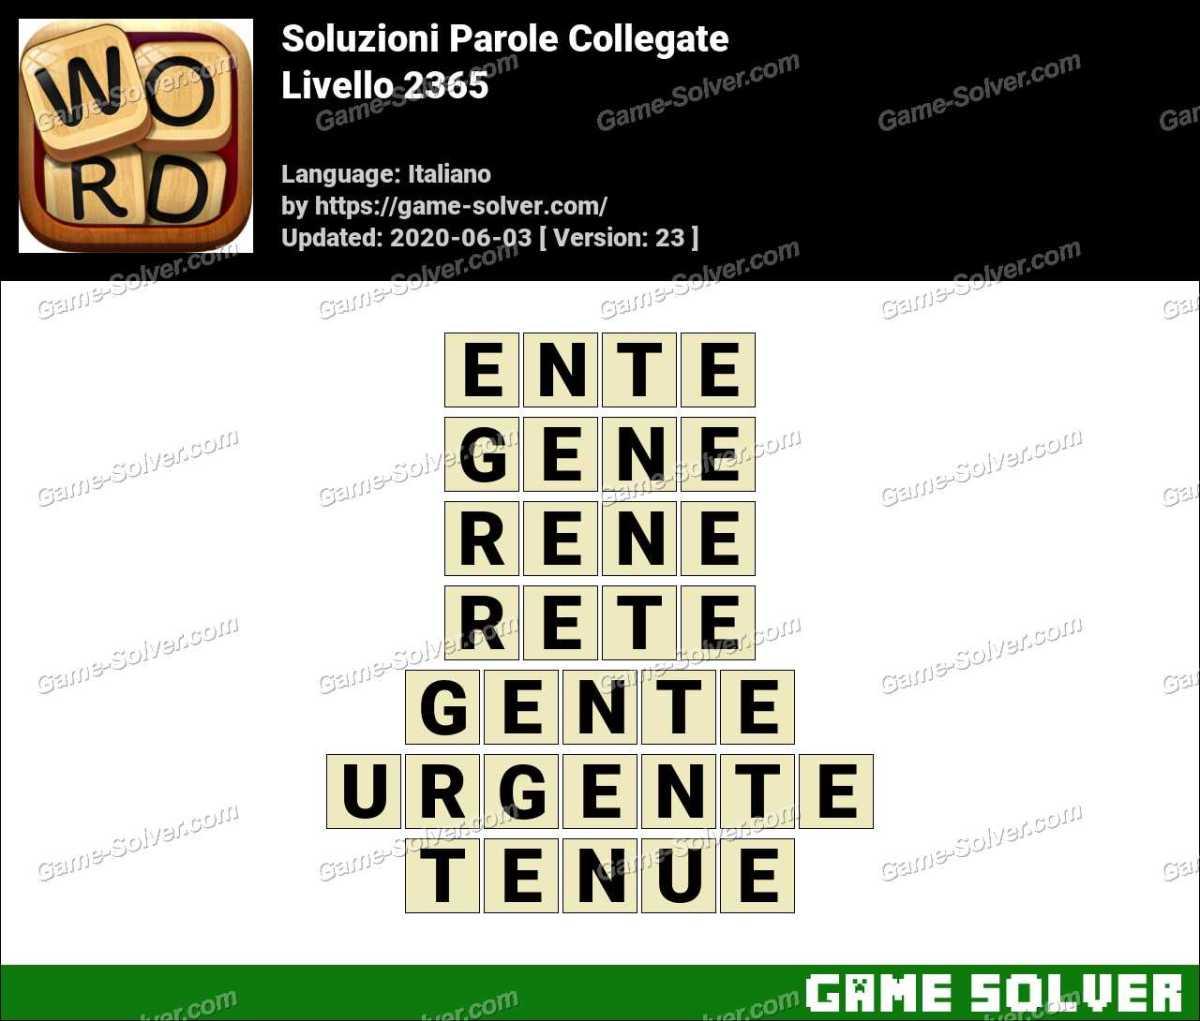 Soluzioni Parole Collegate Livello 2365